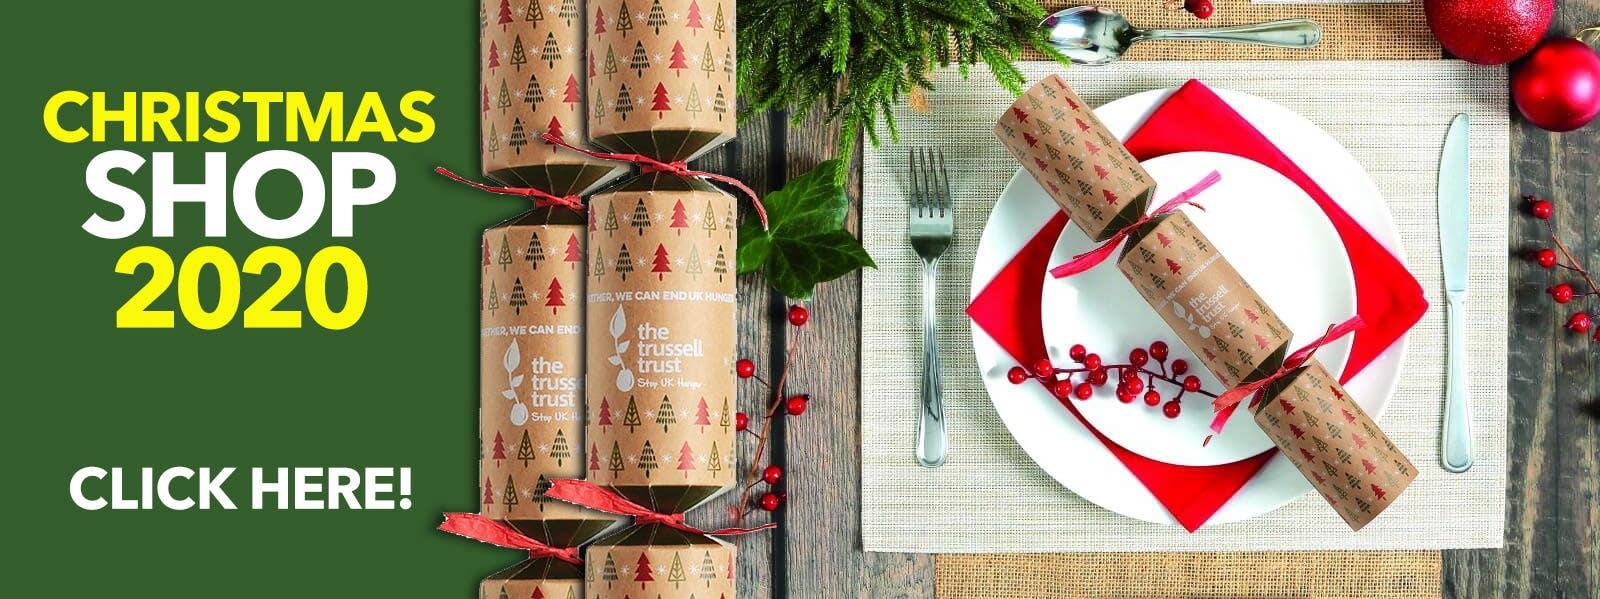 Christmas Shop 2020